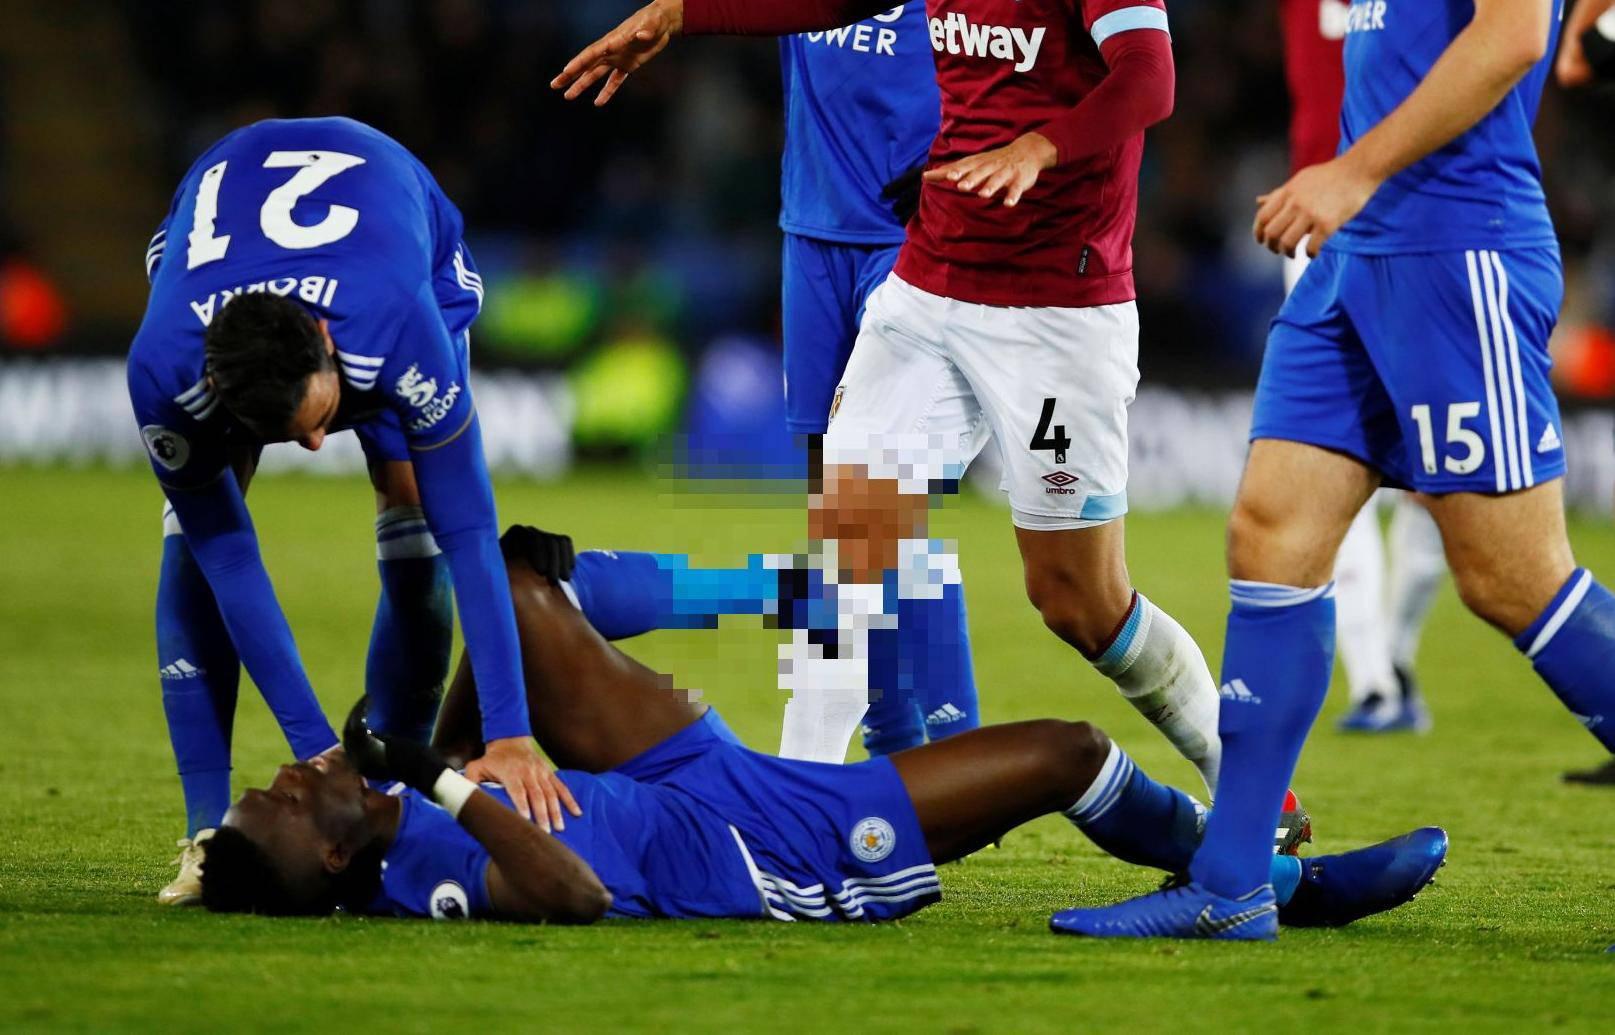 Uznemirujuće! Igrač Leicestera slomio je gležanj kao Eduardo